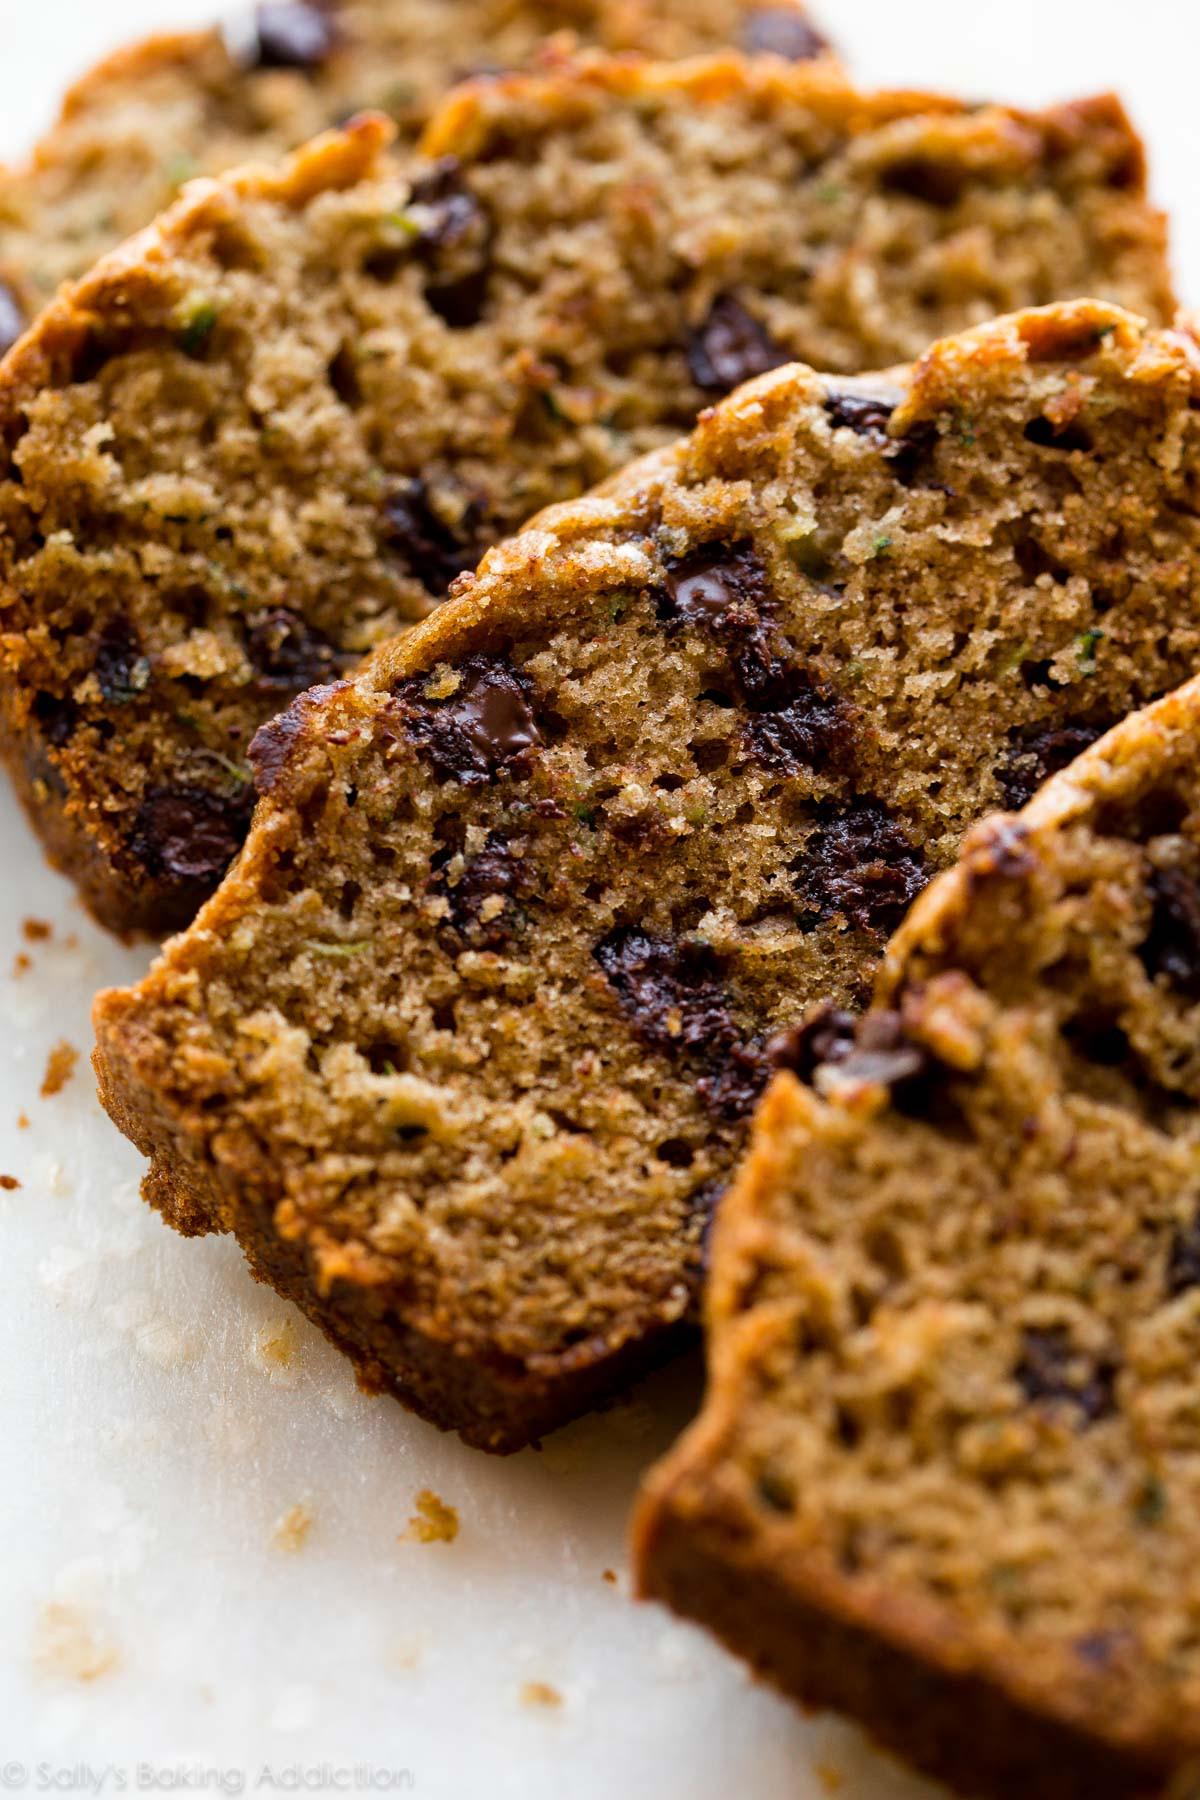 Zucchini Bread Recipes  The Best Zucchini Bread